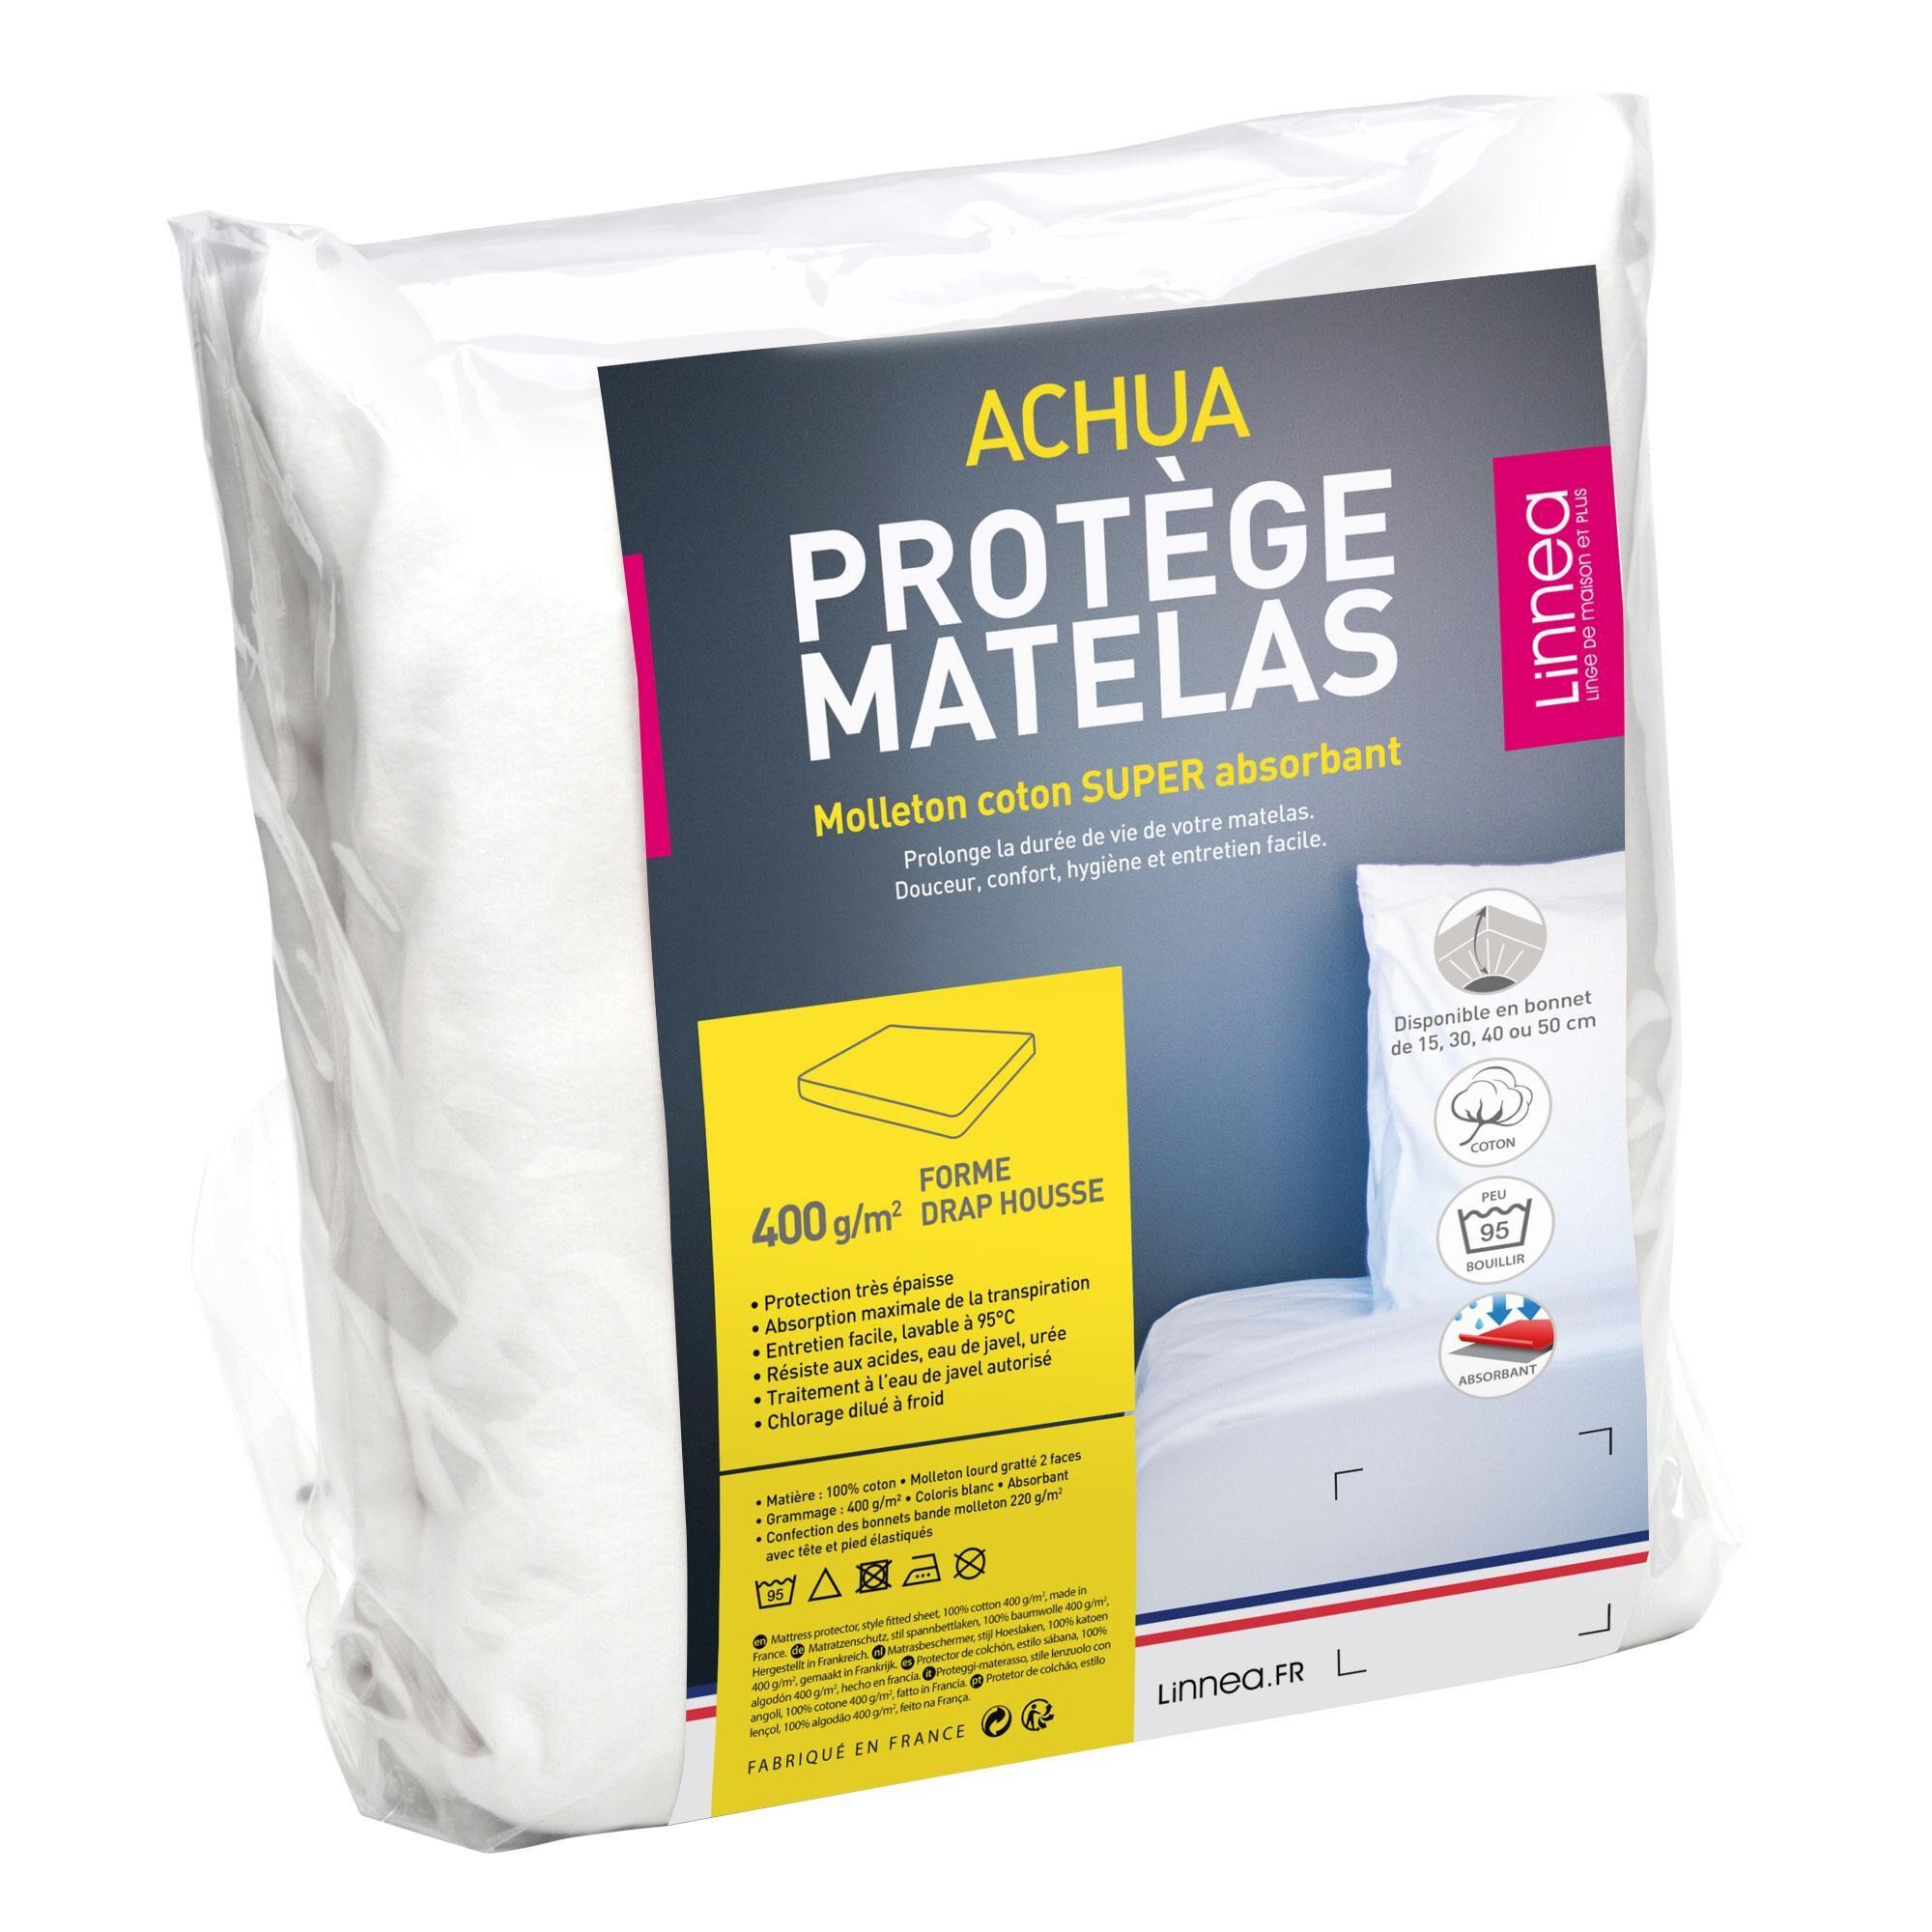 Linnea Protège matelas 80x190 cm ACHUA Molleton 100% coton 400 g/m2 bonnet 40cm